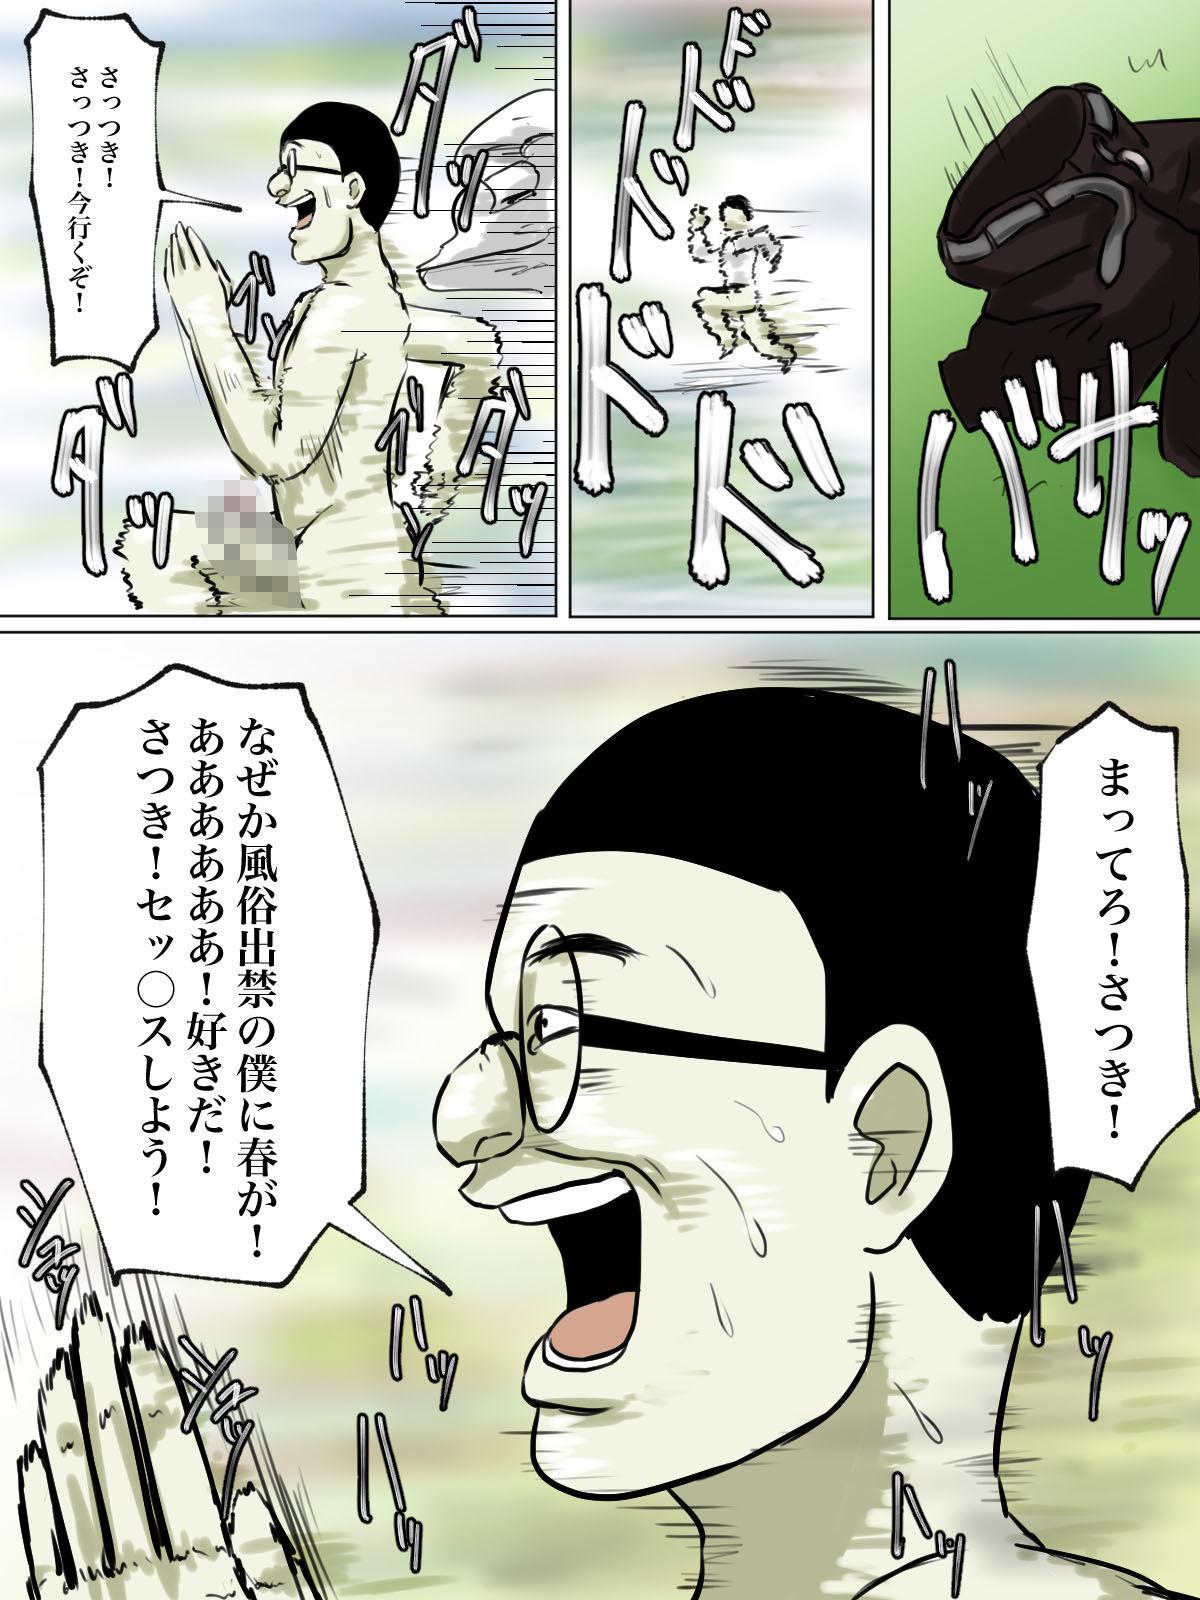 【フルカラー版】友達の母親がトイレ中なら侵入するしかない!のサンプル画像9